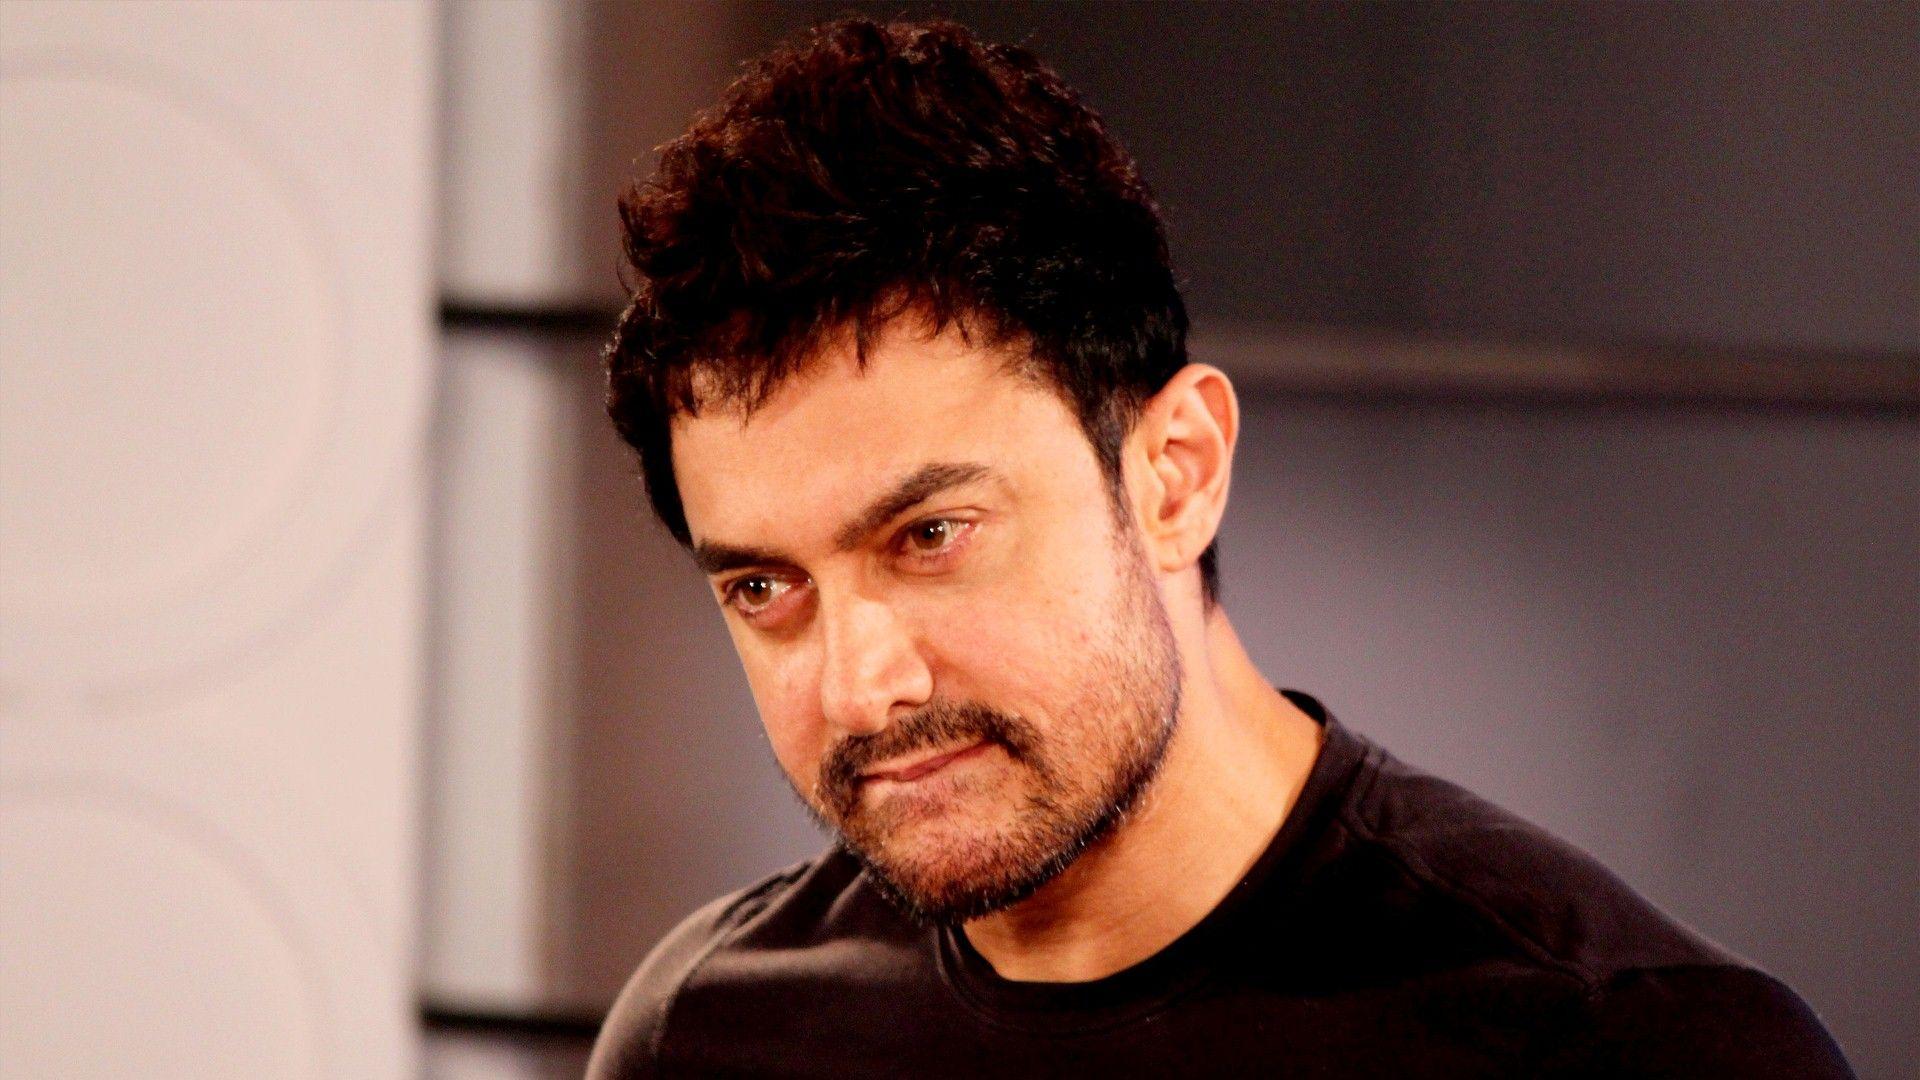 Hindi Film Hero Aamir Khan Photo Aamir khan, Next film